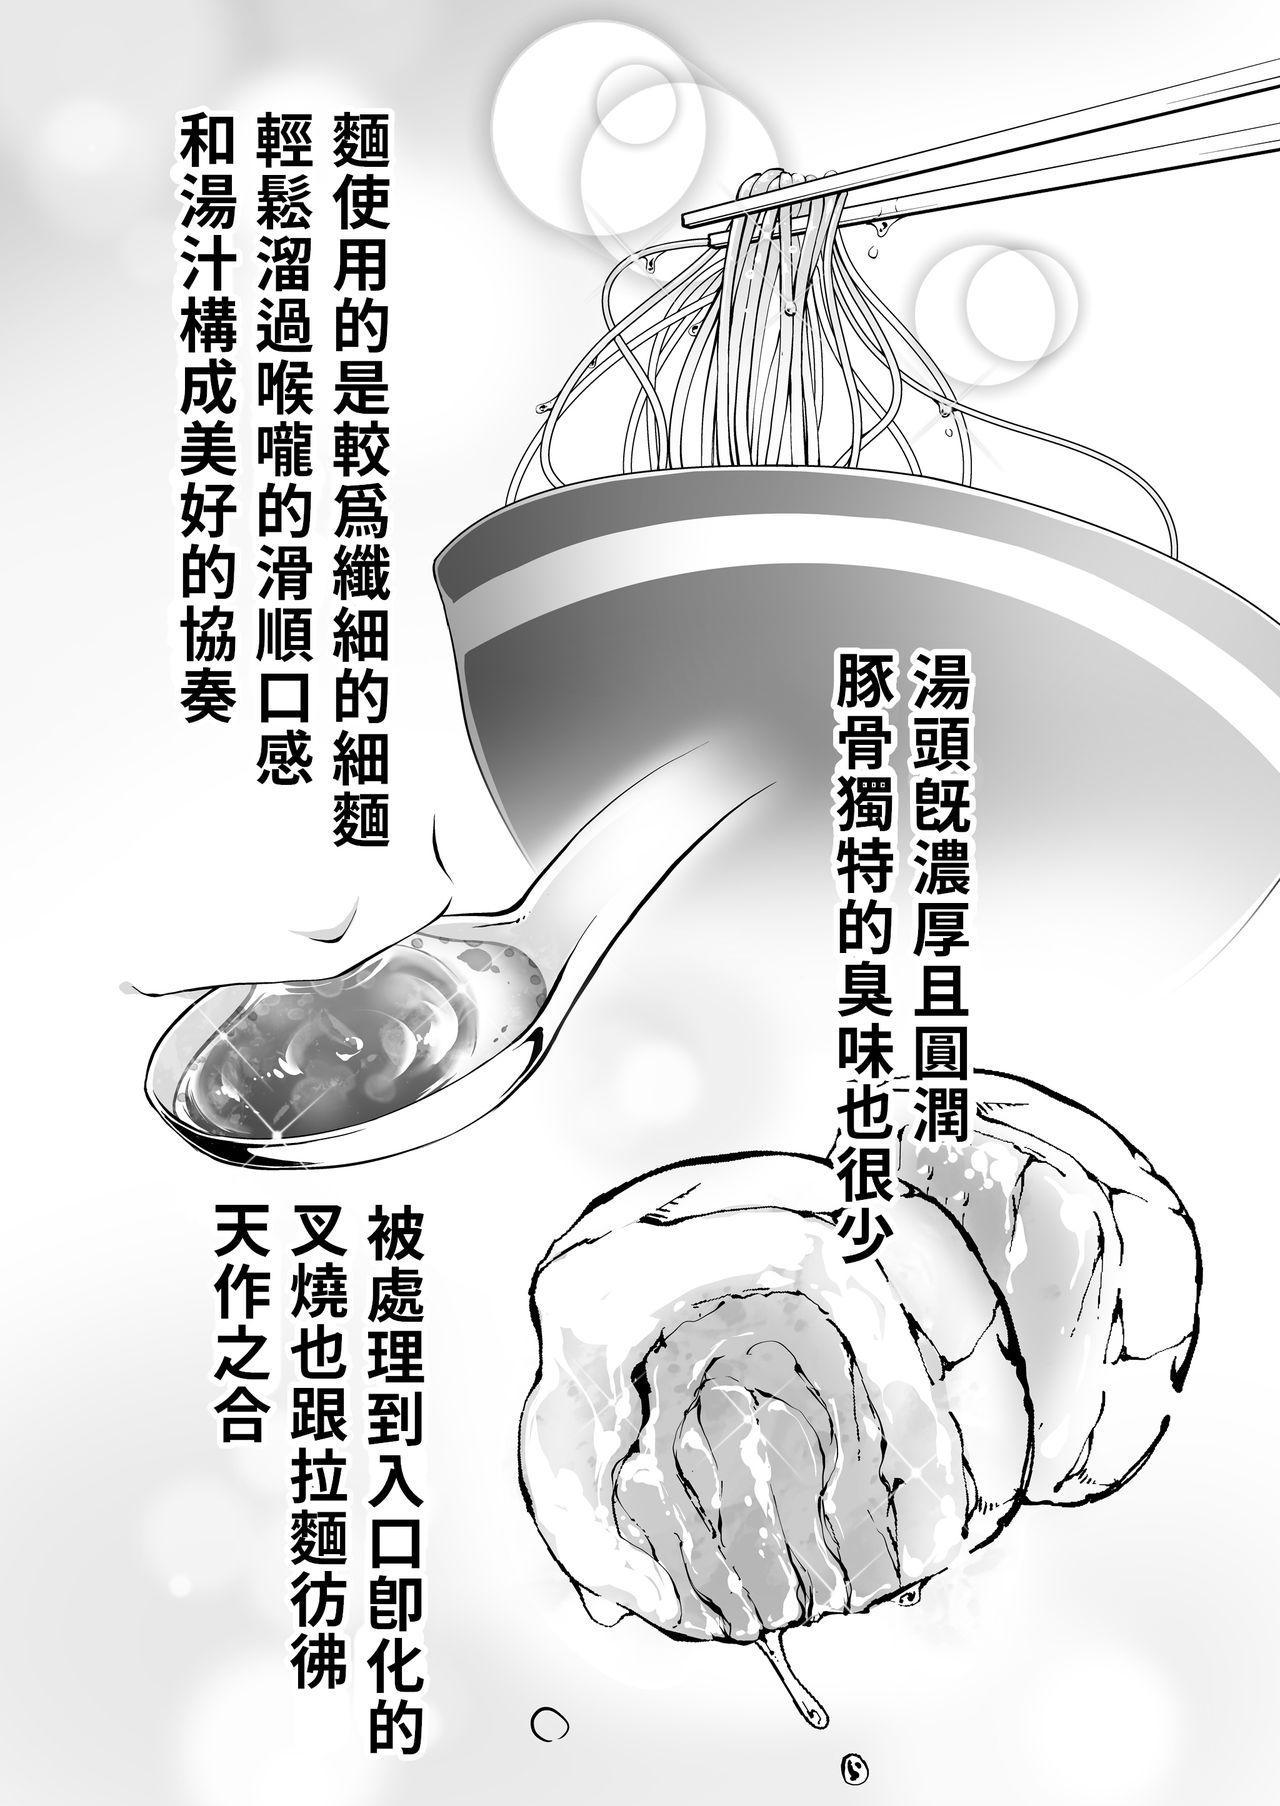 Panpan Travelers Hakata Shuudan Rape Ryokou | 吃飯兼炒飯TRAVELERS~博多集團強●旅行 26